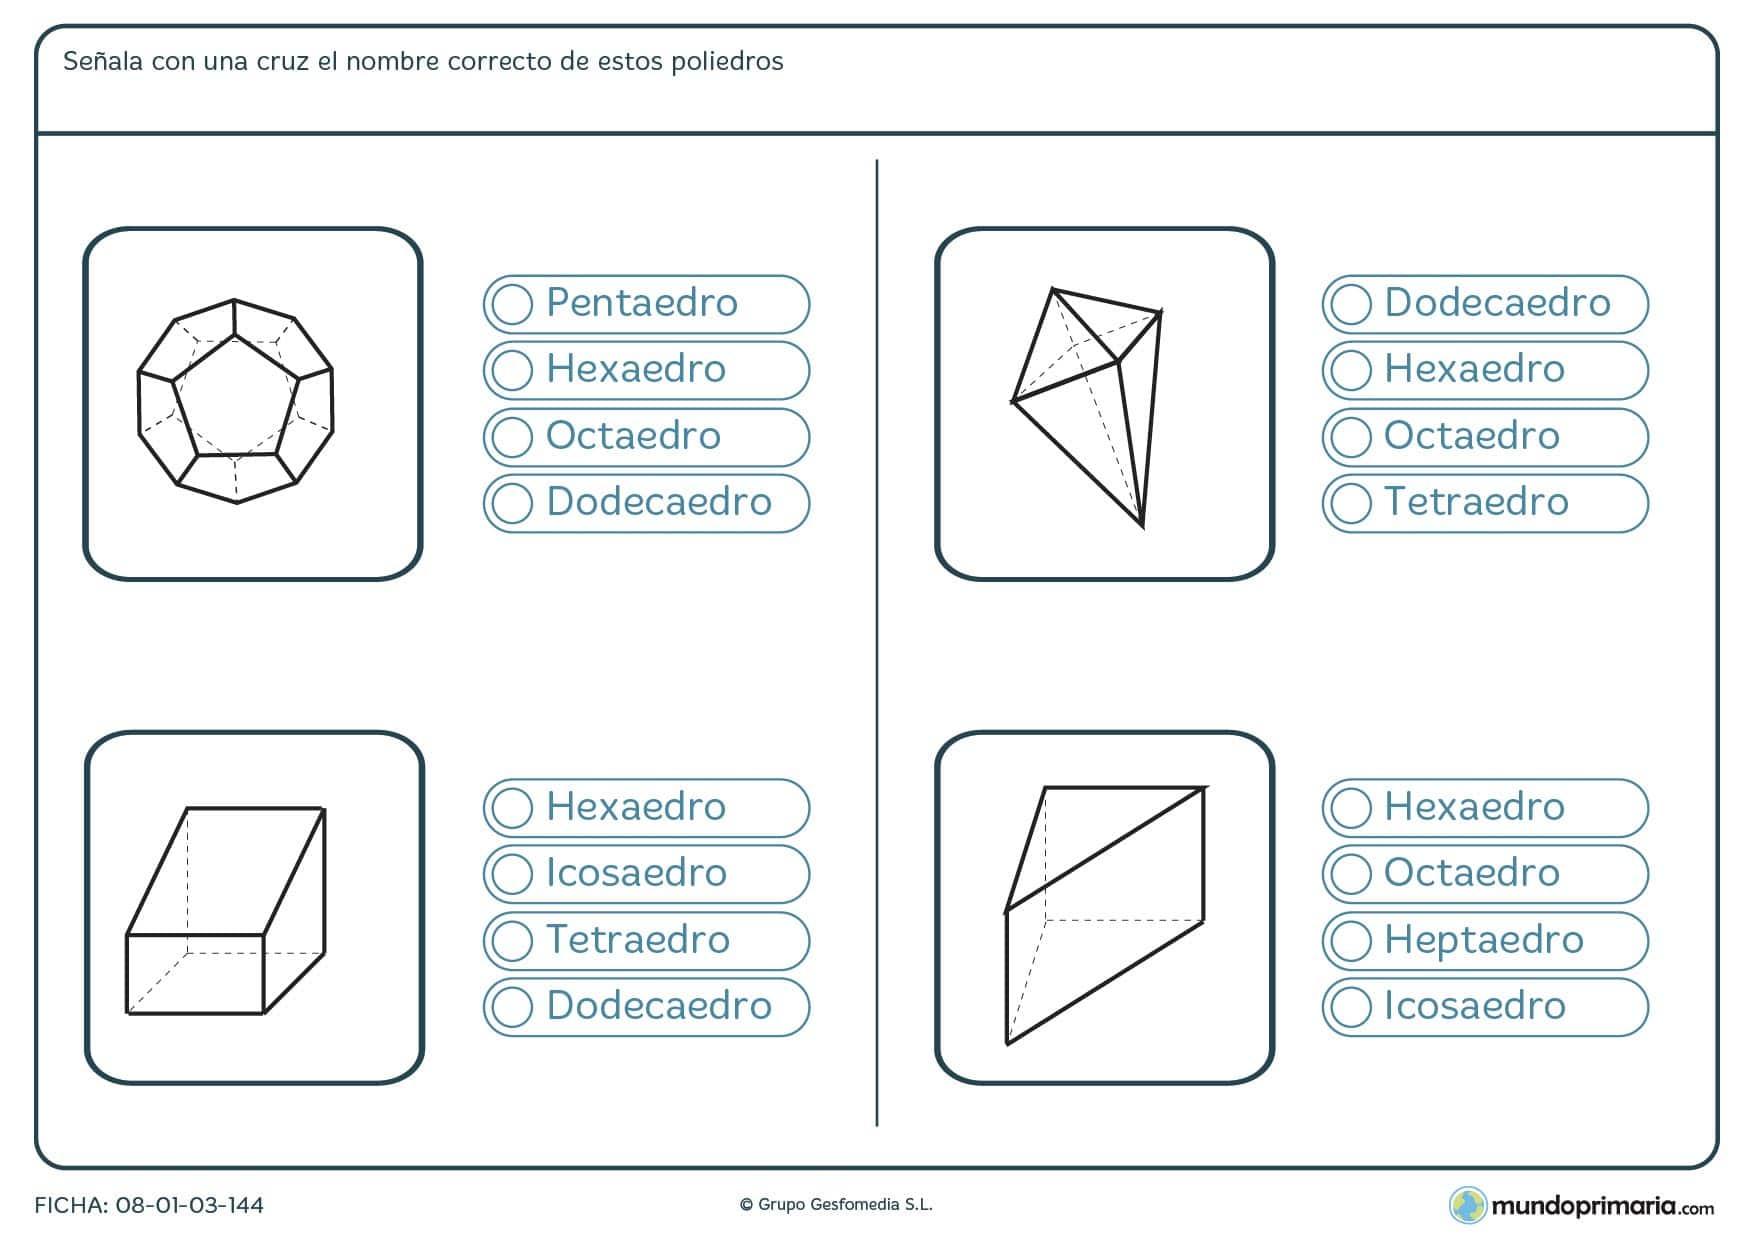 Ficha de elegir poliedros que aparecen en las imágenes y nombrarlos correctamente.